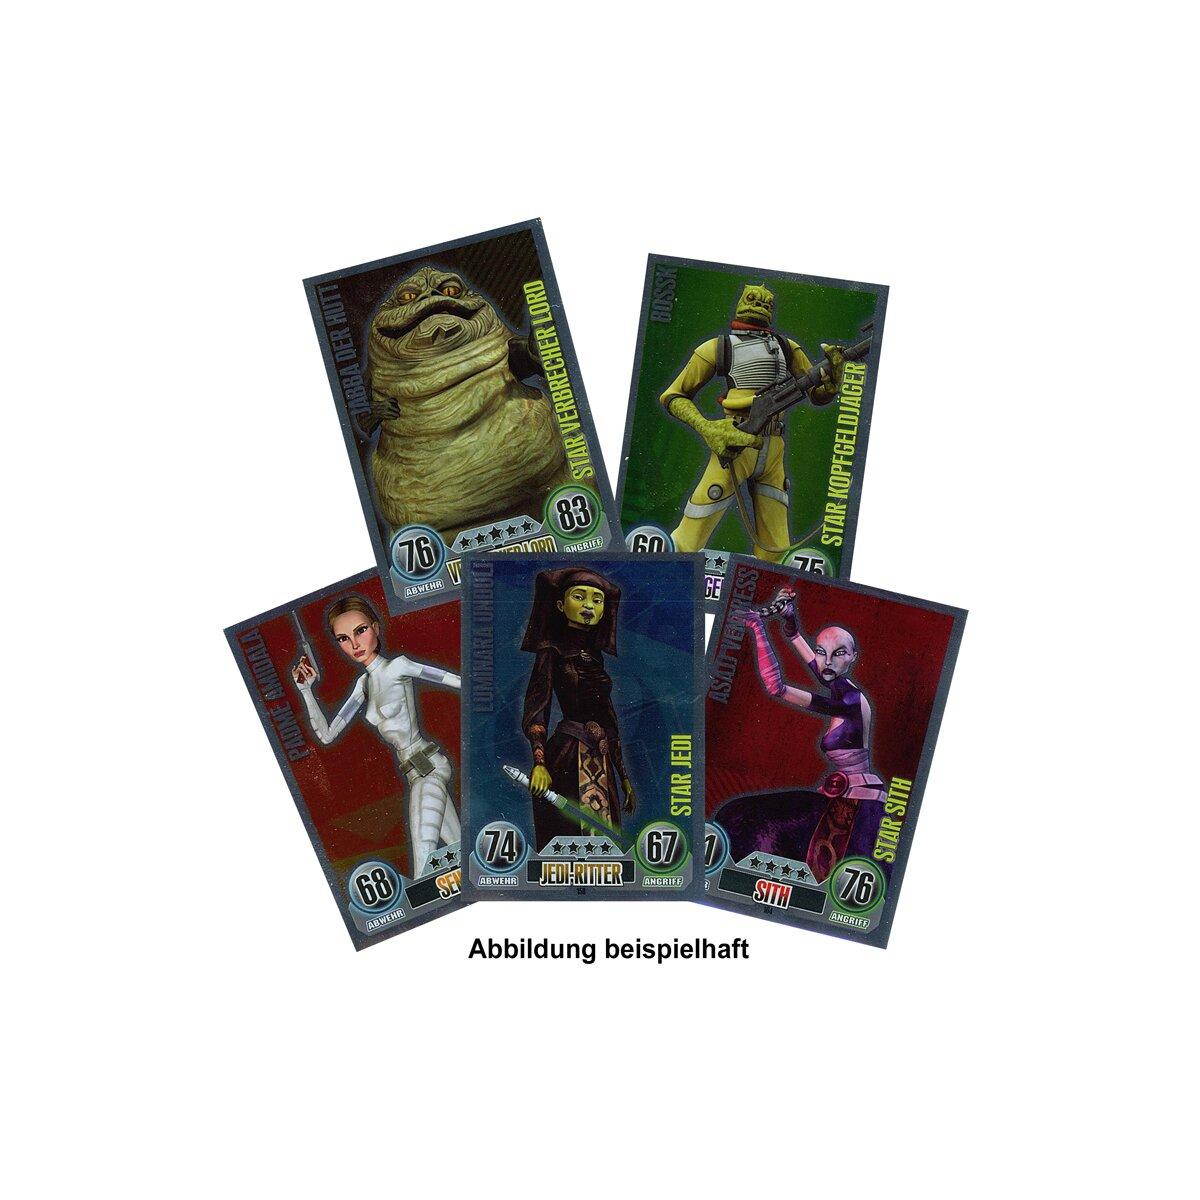 Star Wars Force Attax Sammelkarten